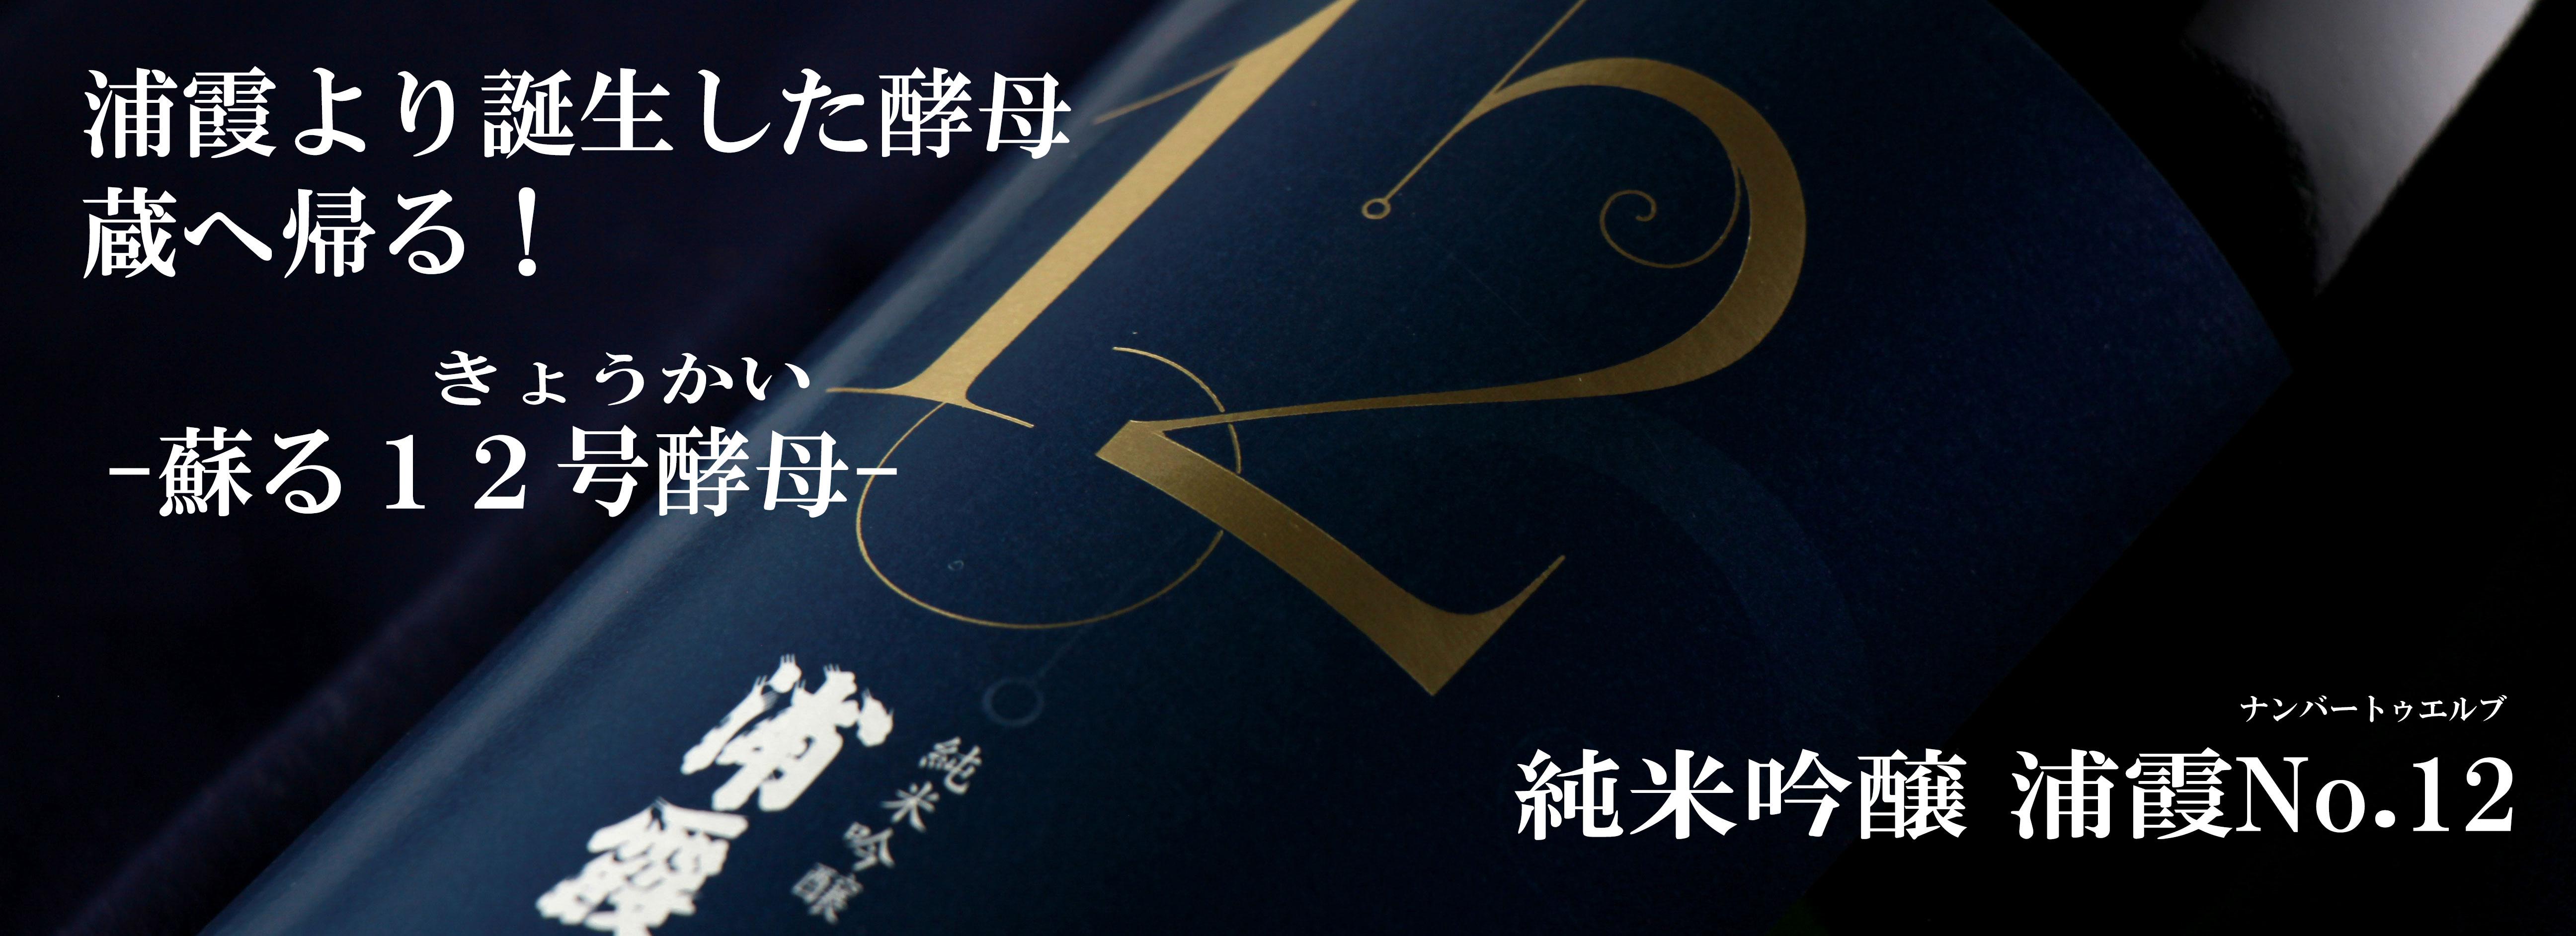 弊社吟醸醪から分離された「きょうかい12号酵母」を令和の時代に復活させ、新たな酒造りに挑戦!